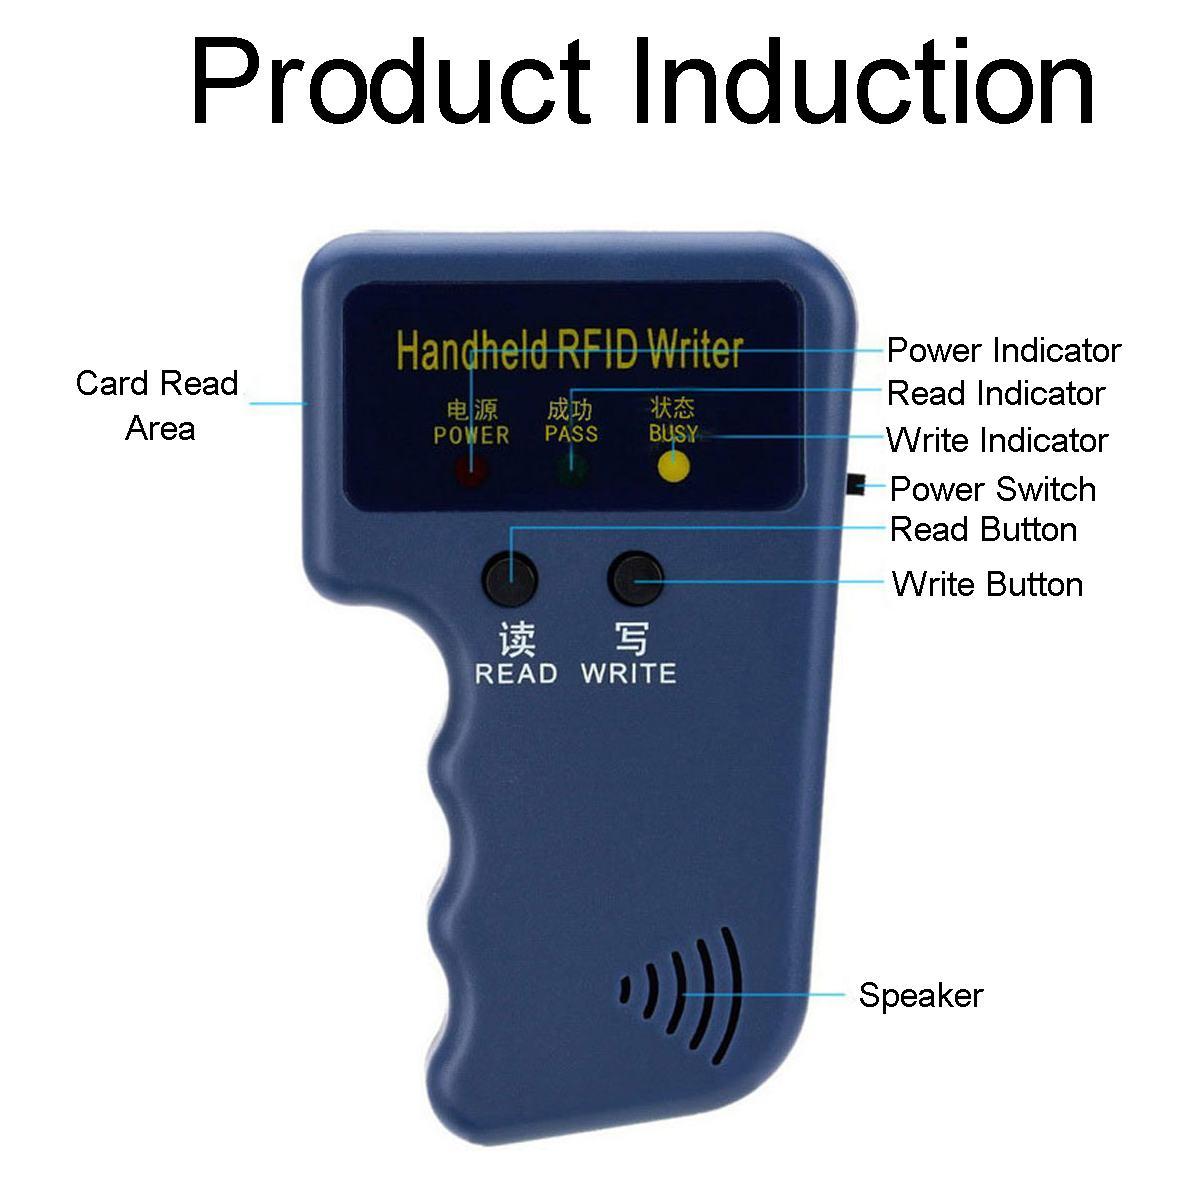 Портативный 125 кГц RFID Копир Писатель портативный программист ридер Поддержка EM4305 T5577 5200 копия брелок и идентификационная бирка